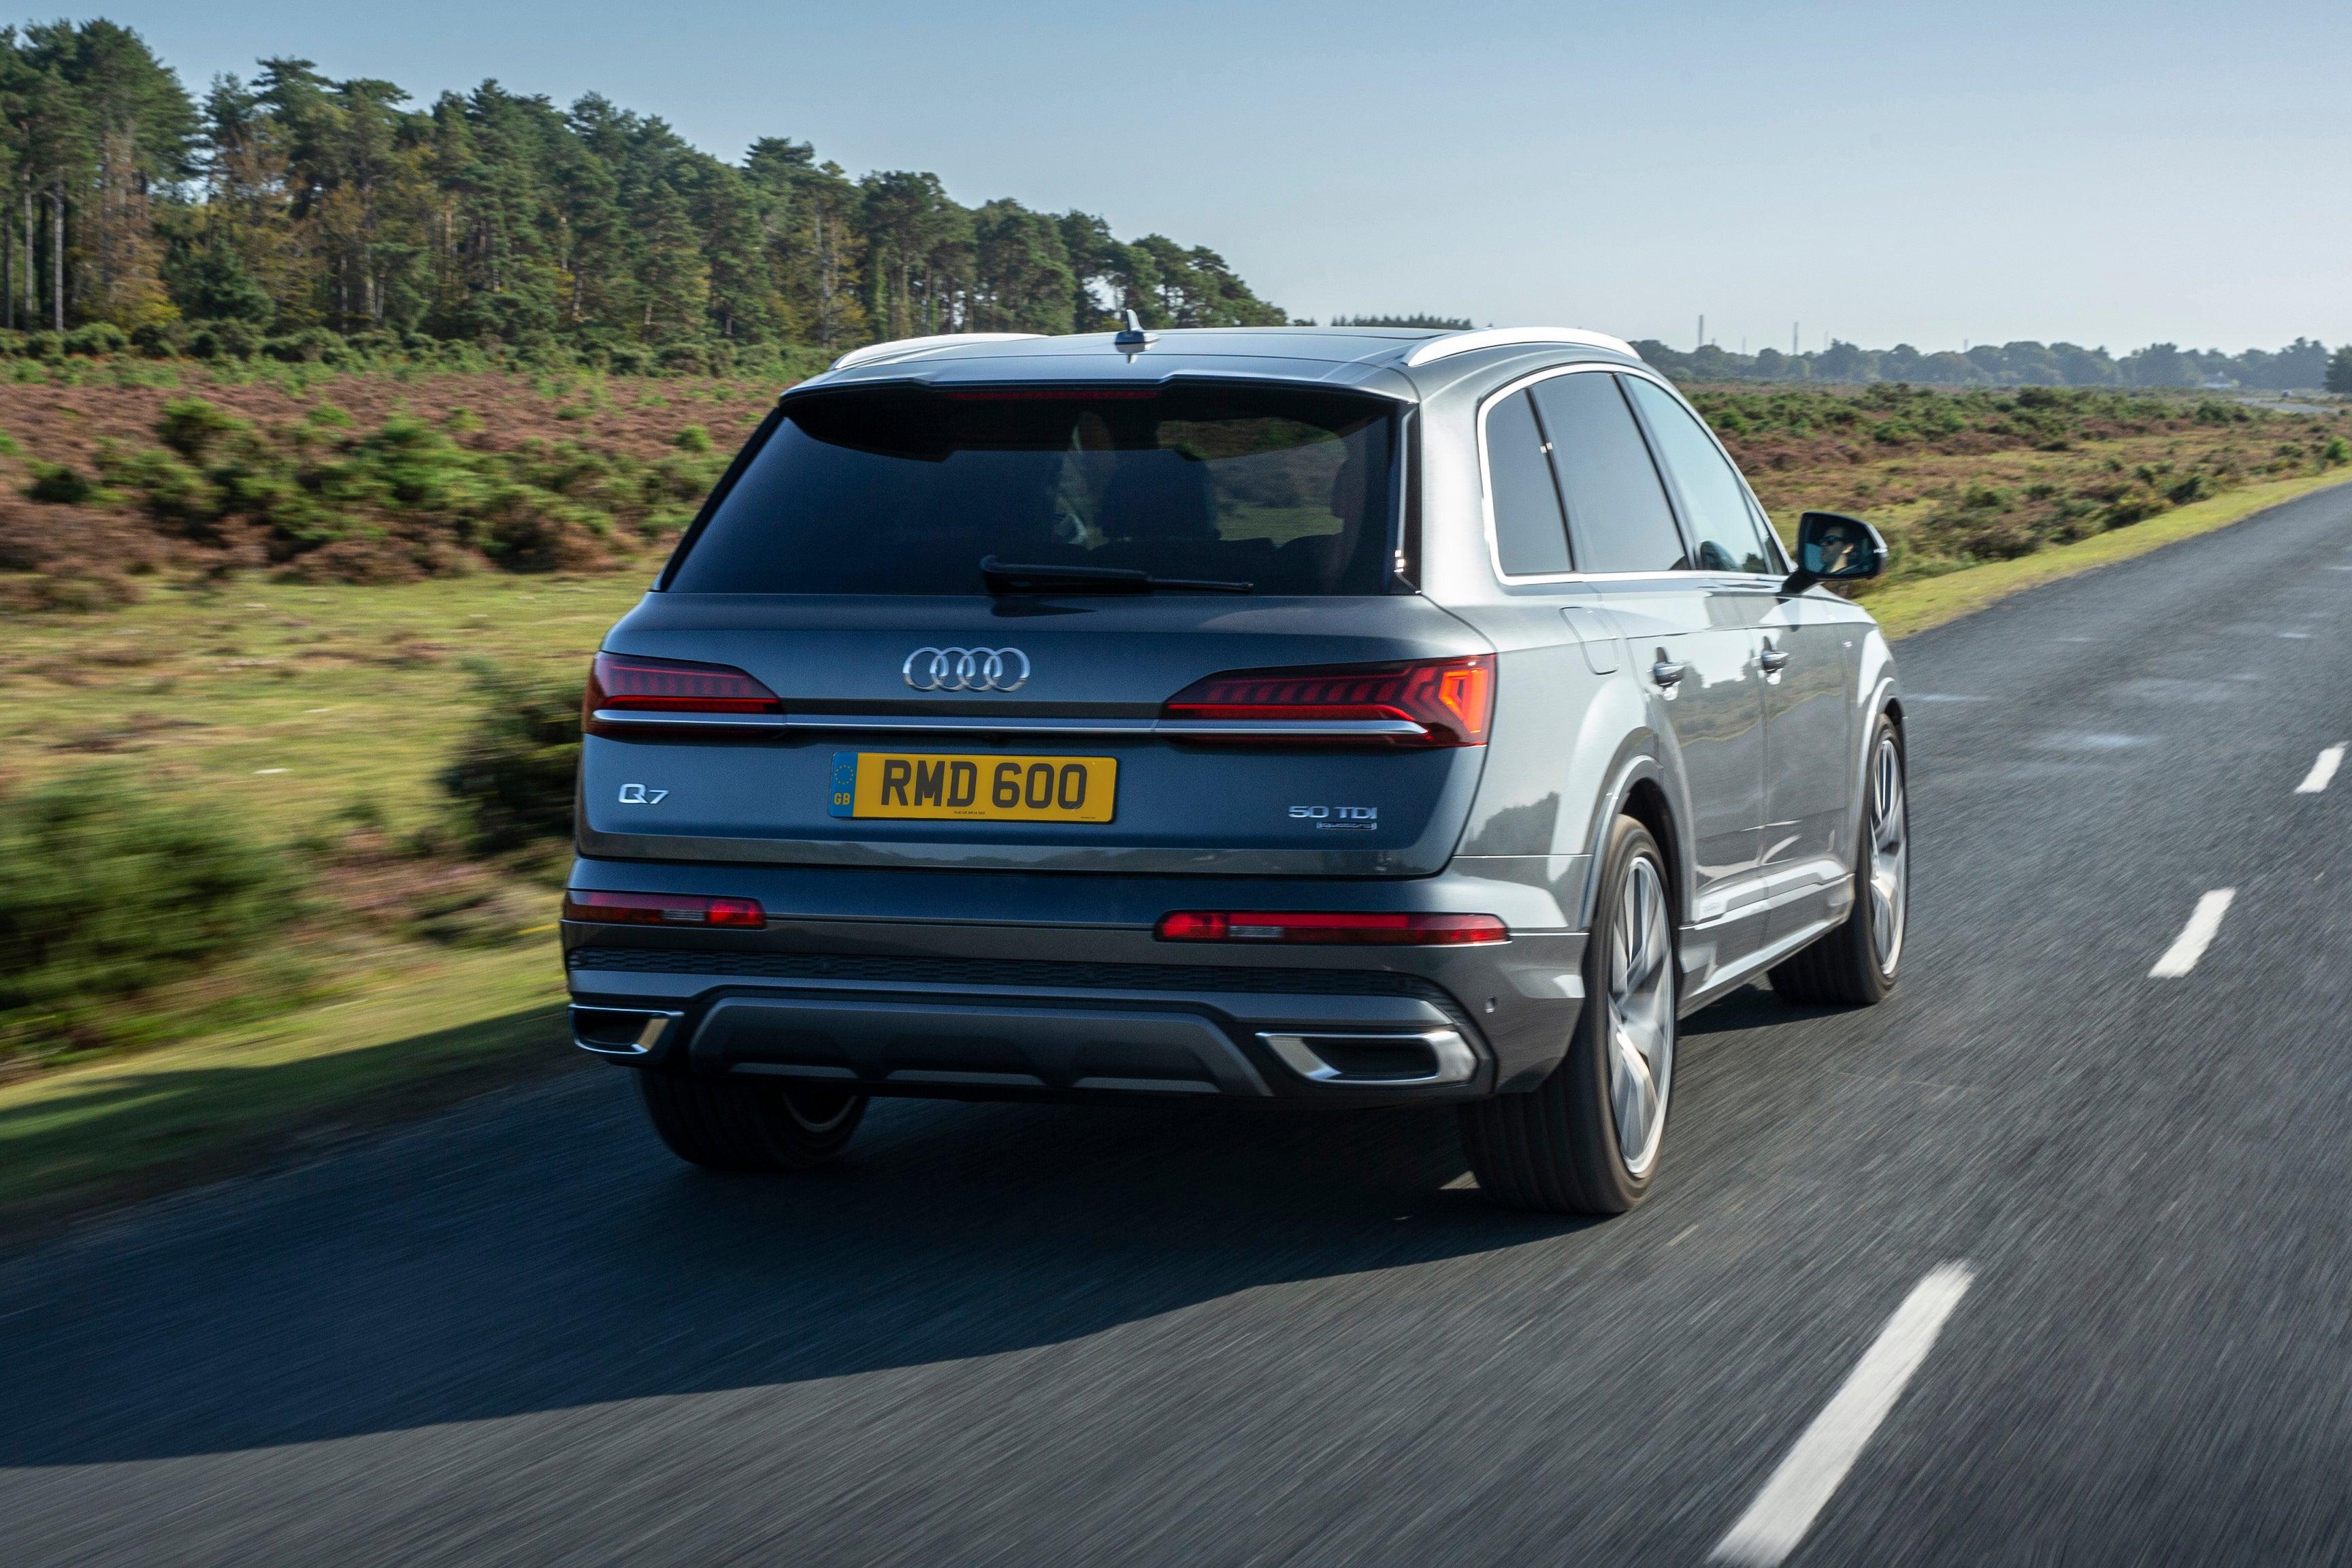 Audi Q7 Driving Back